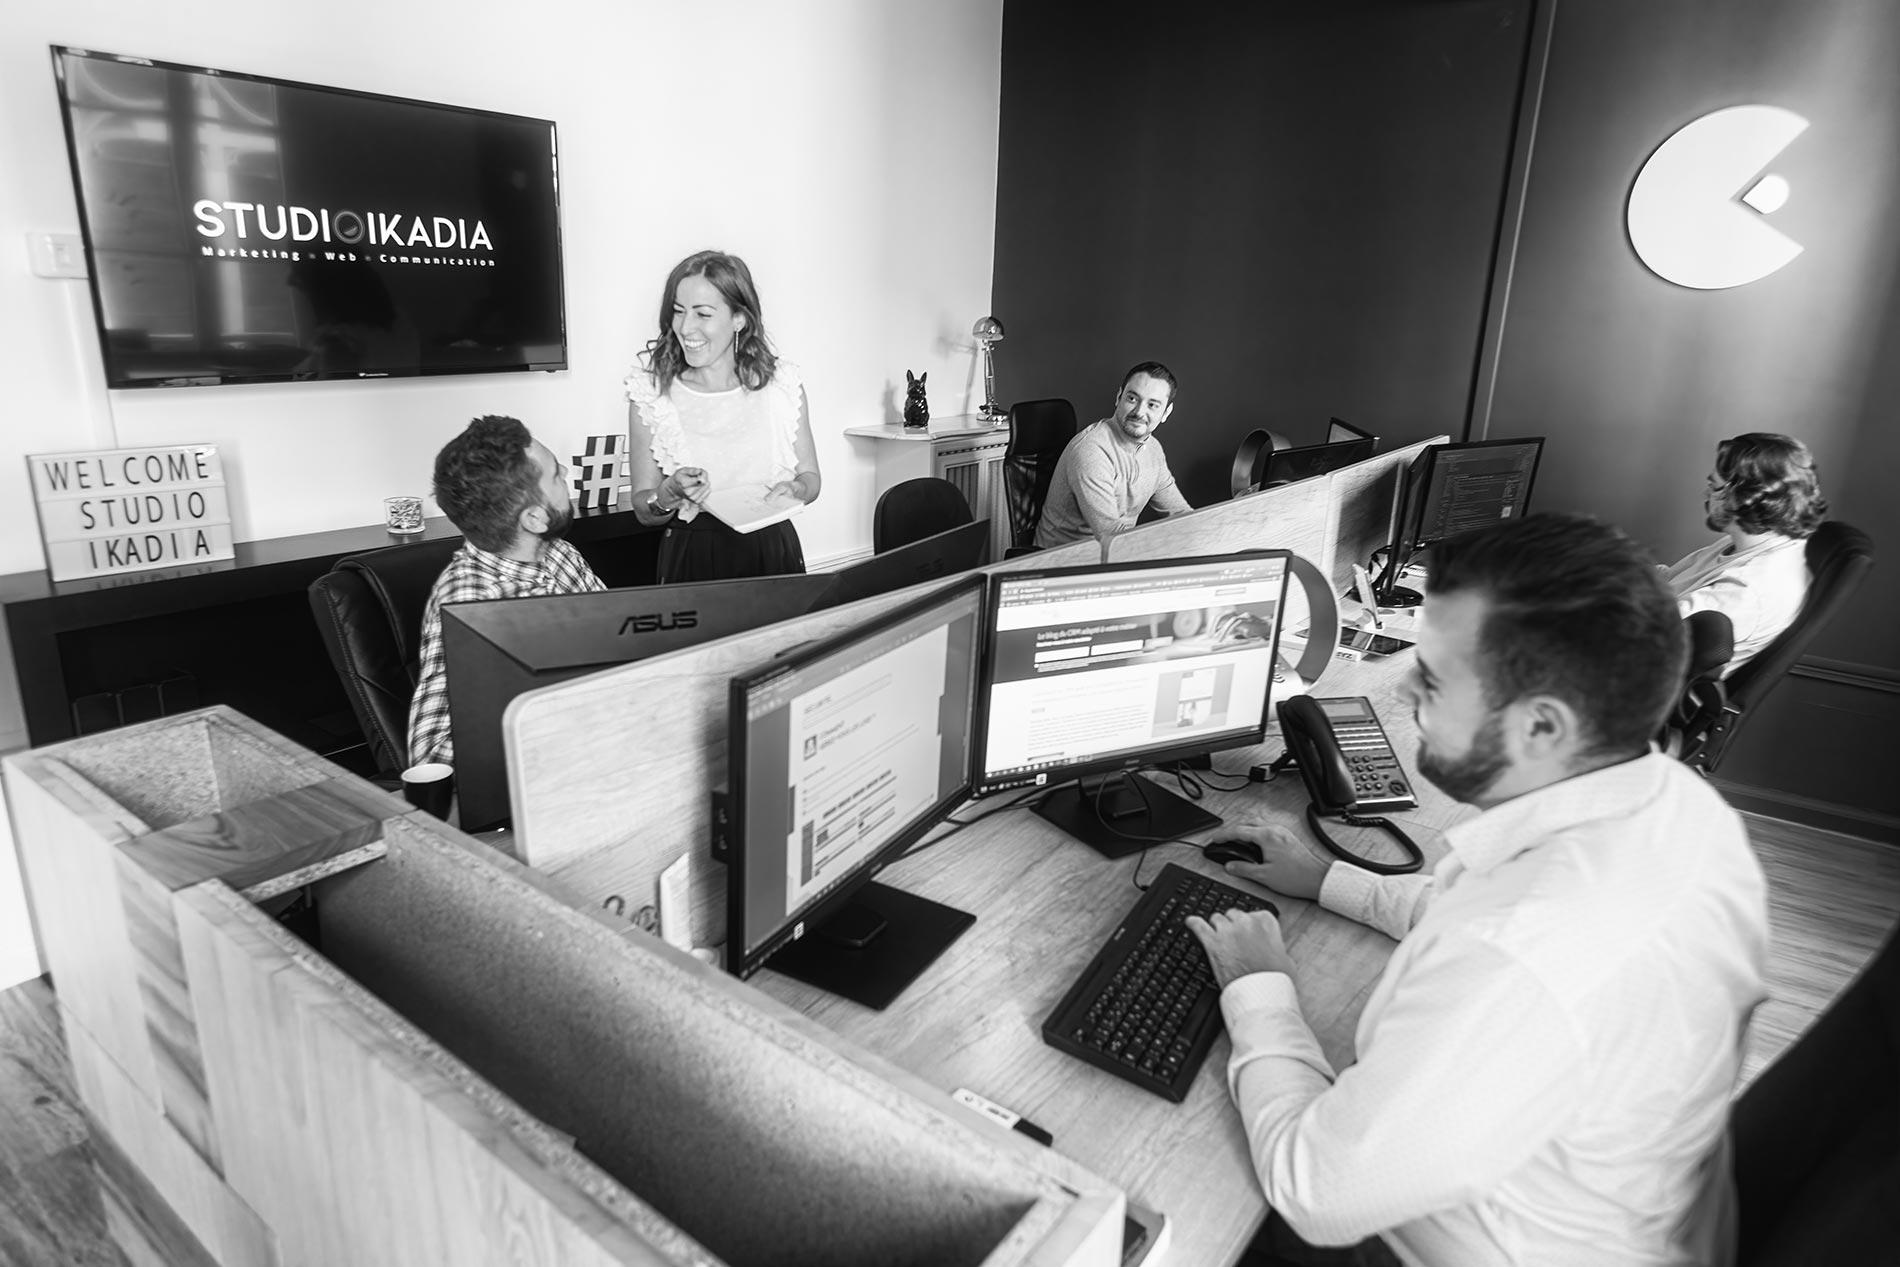 le studio web du studio ikadia vous accompagne dans votre transformation digitale grâce à son label